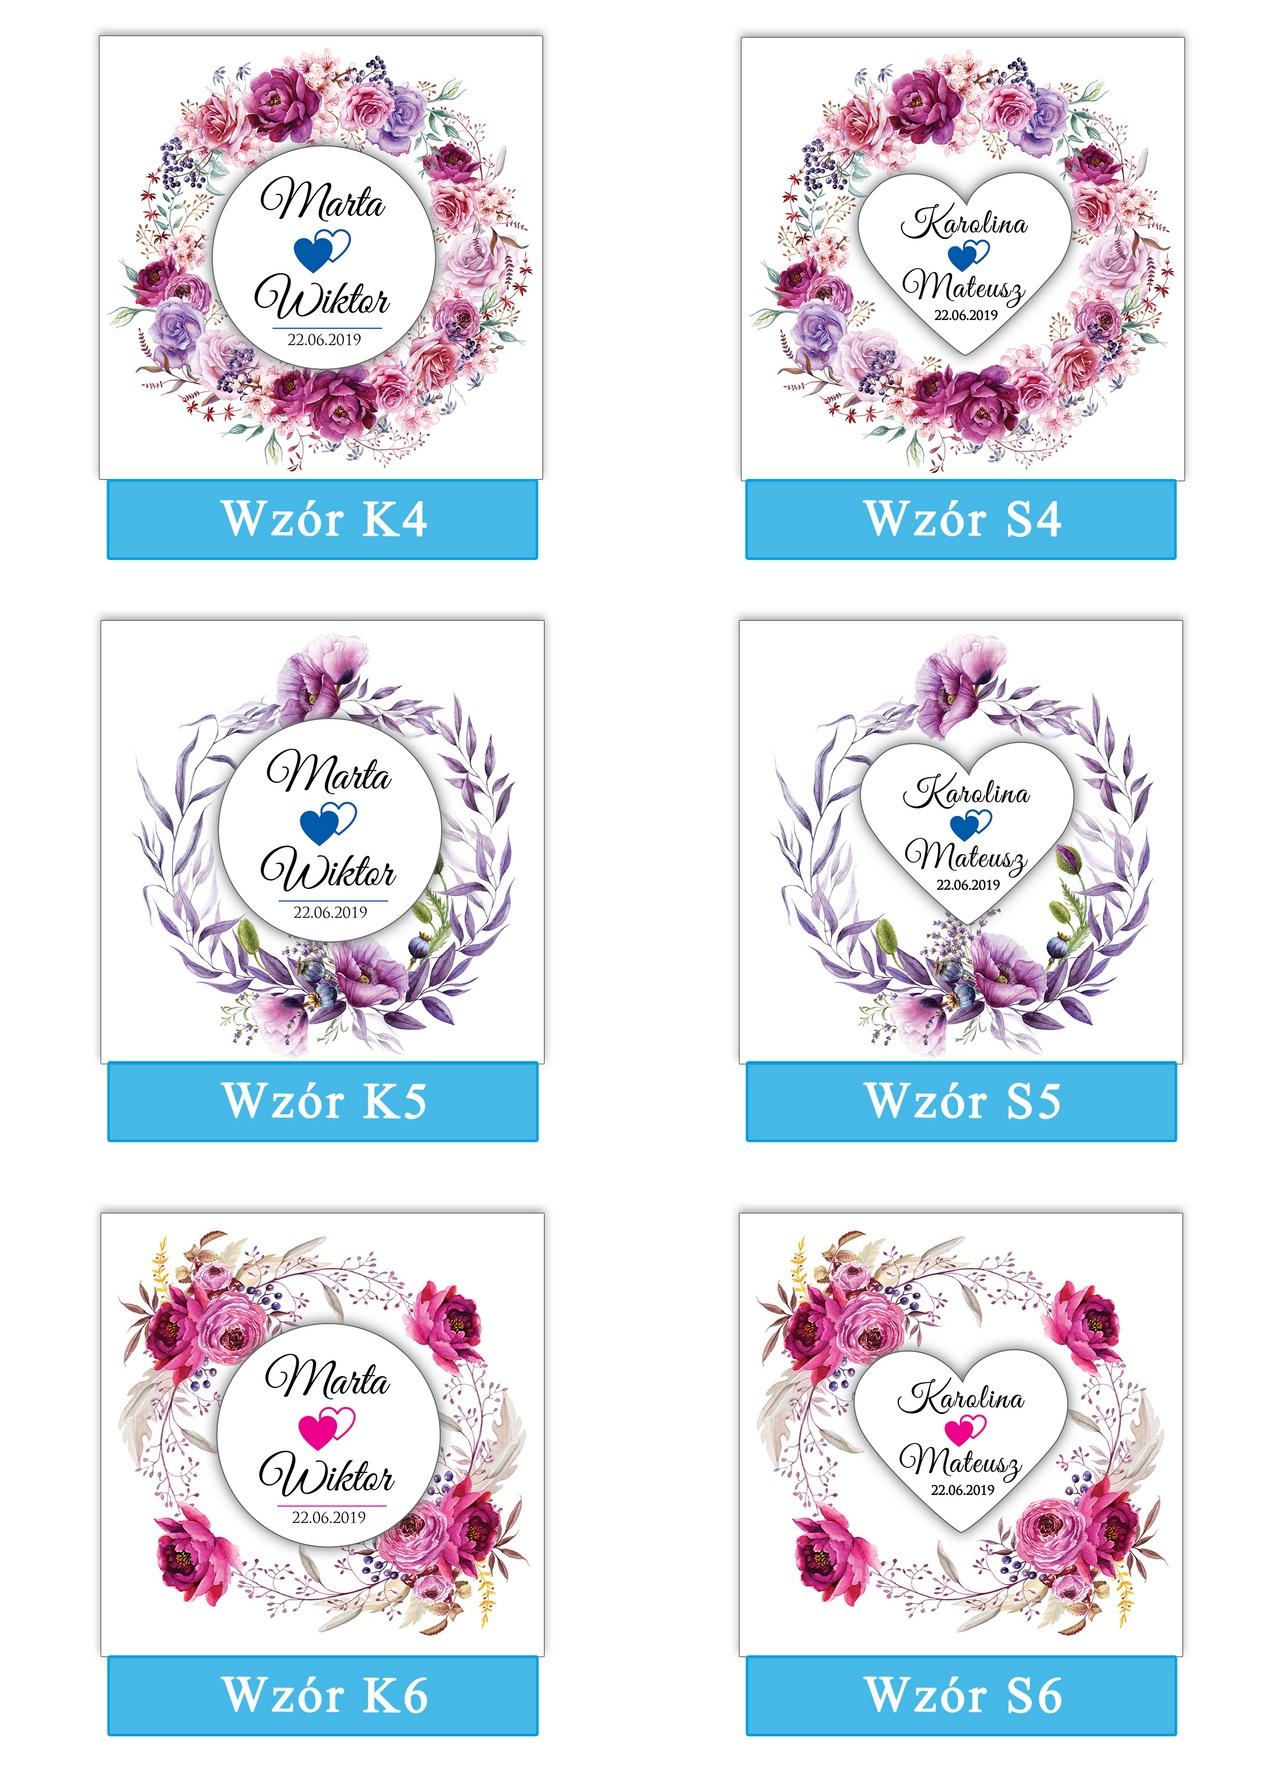 zaproszenia-ślubne-boho-rustykalne-wianki-kwiatowe-Silena-ze-wstążką-plansza-wzory4-6